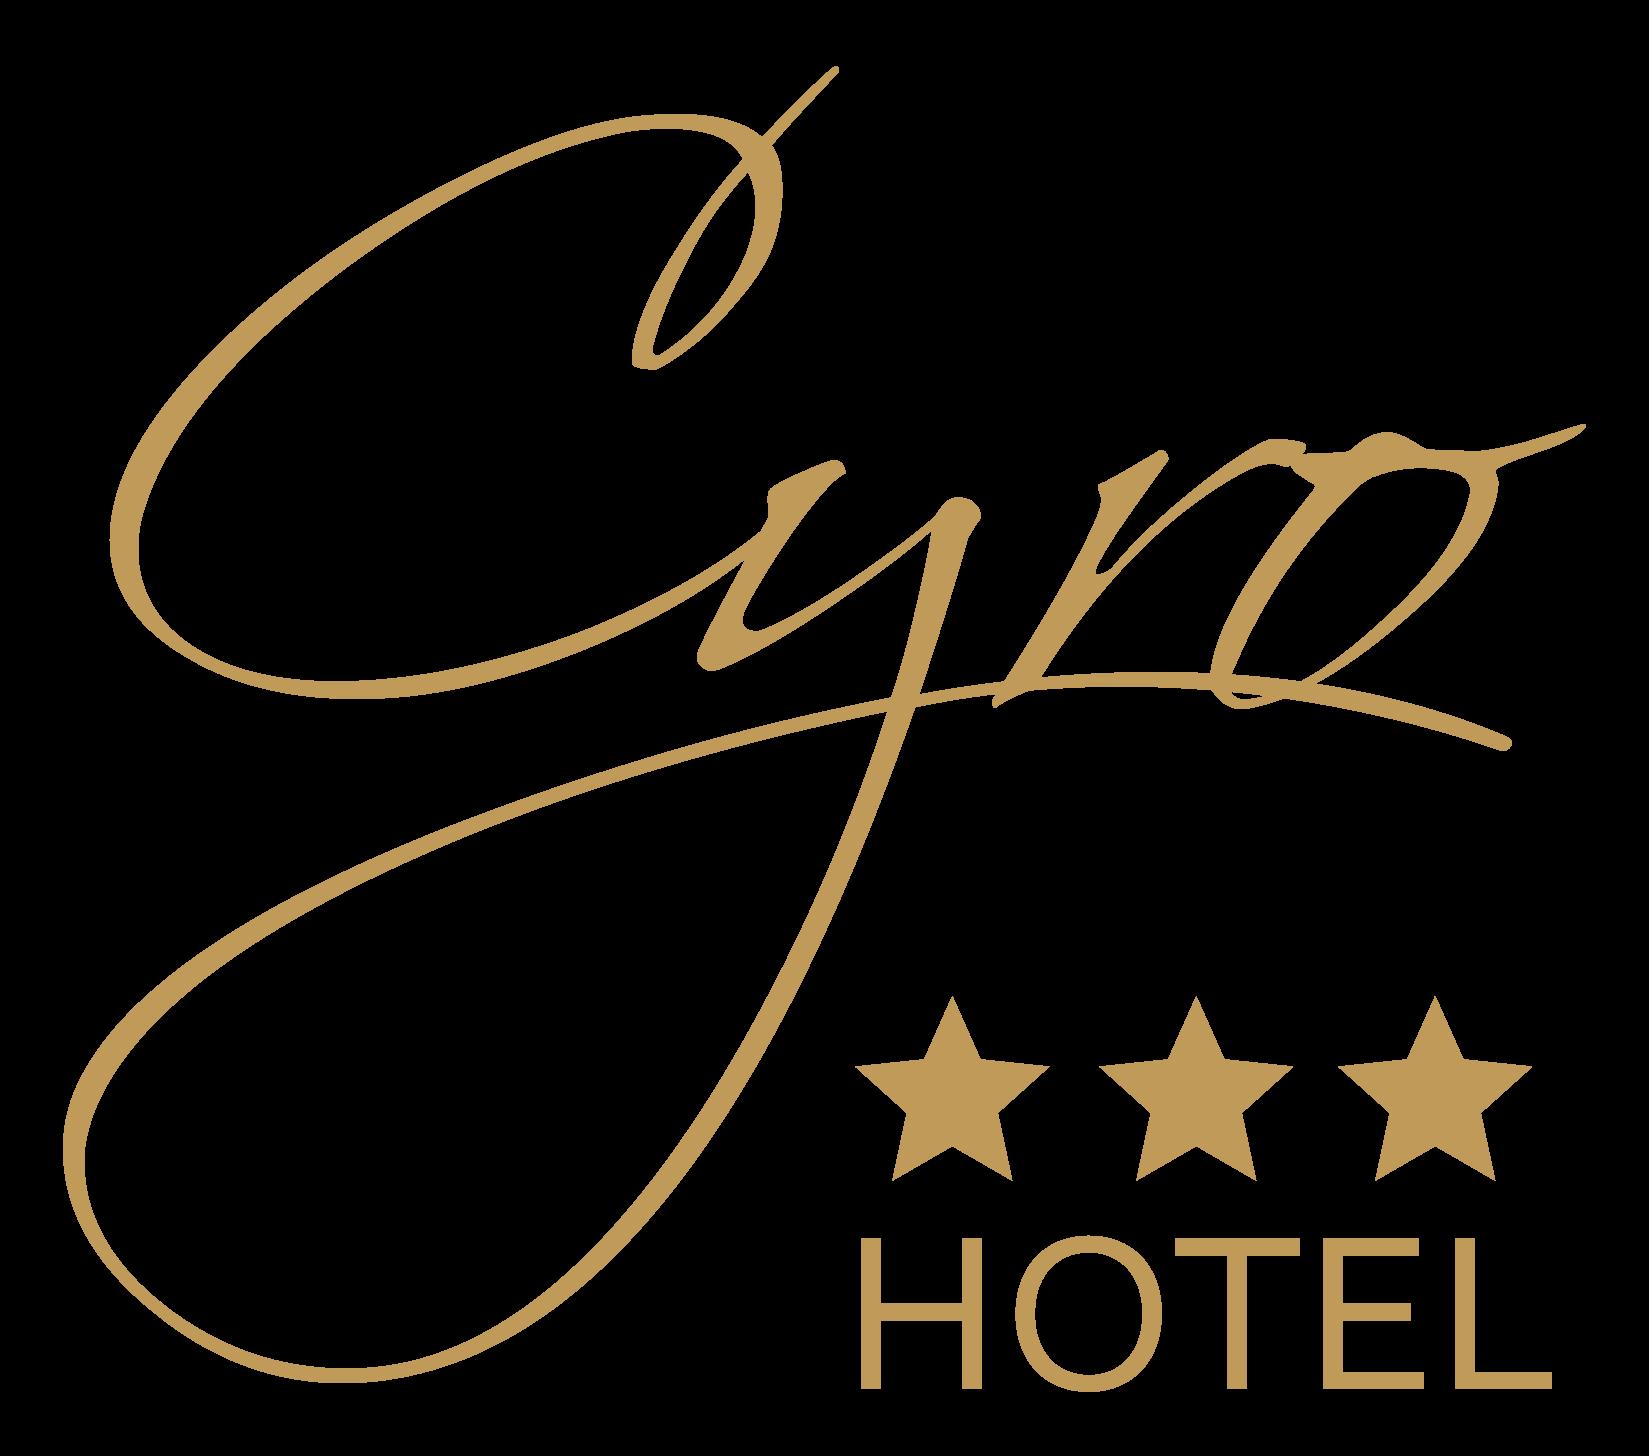 logo firmy Hotel CYRO